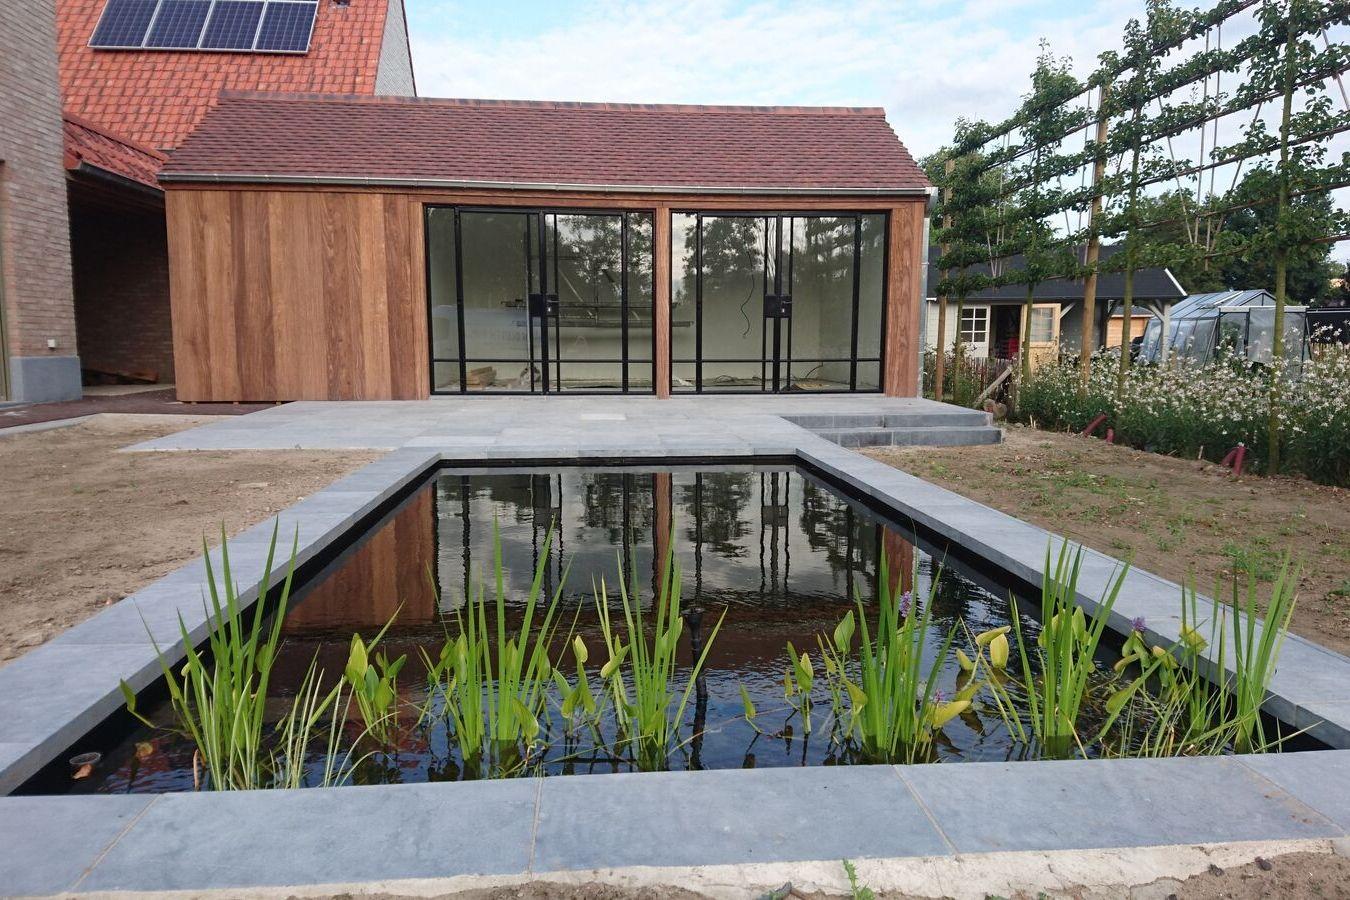 Stalen buitendeuren in praktijkruimte - Pivotdeur tuinhuis - Stalen buitendeuren - Stoeltjesprofiel - Stalen Deuren Huys